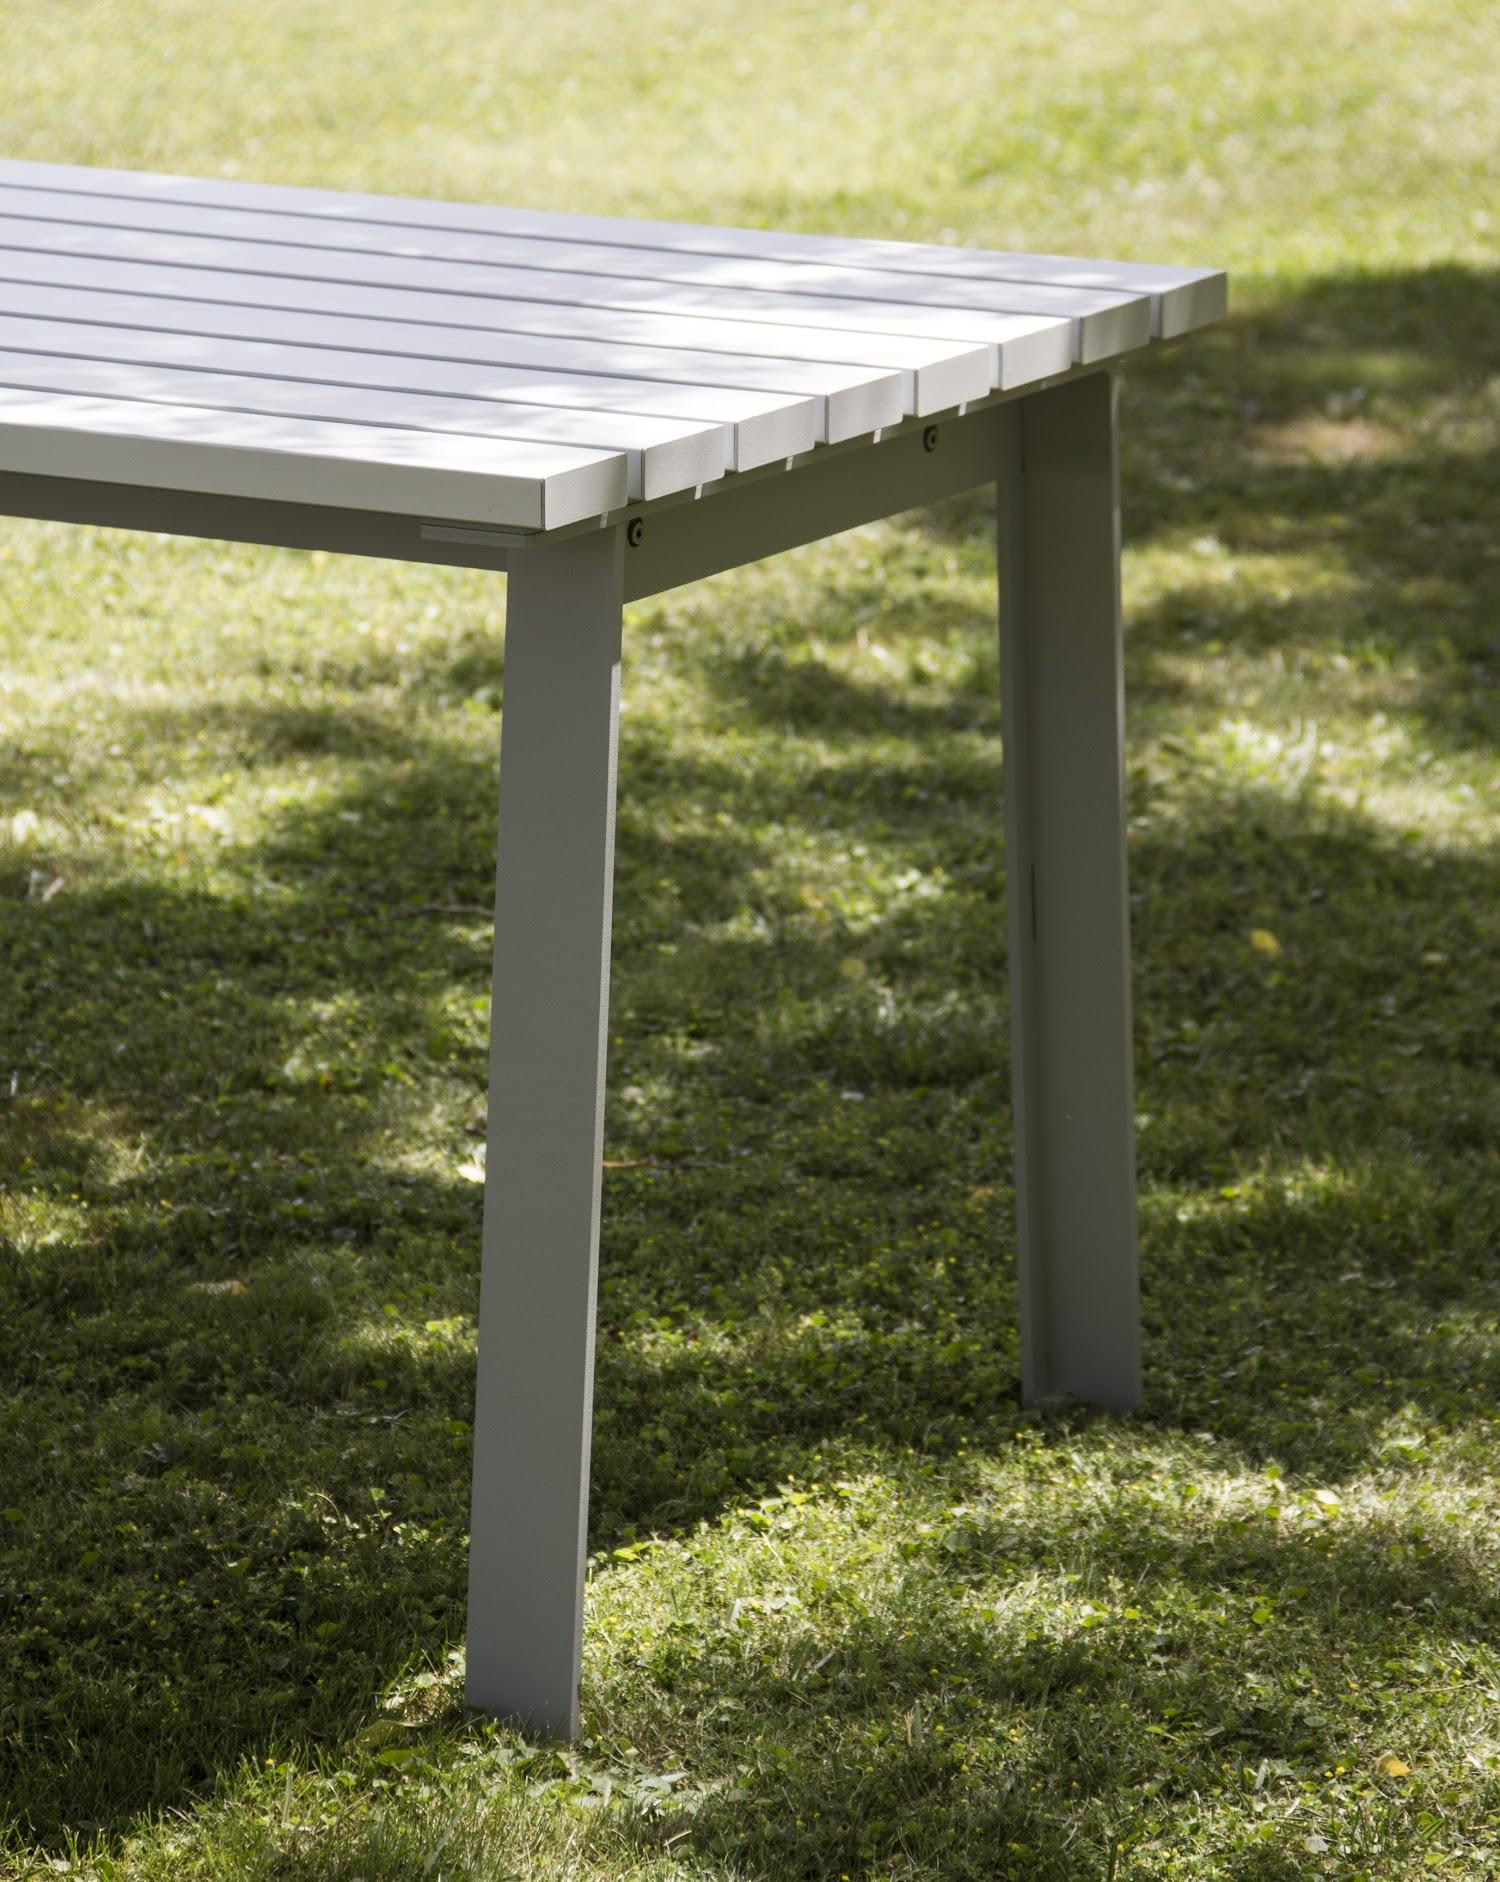 Een picknick tafel voor de openbare ruimte die zich perfect laat inpassen in een park of groen zone, de Harpo picknick tafel van Urbidermis staat al klaar